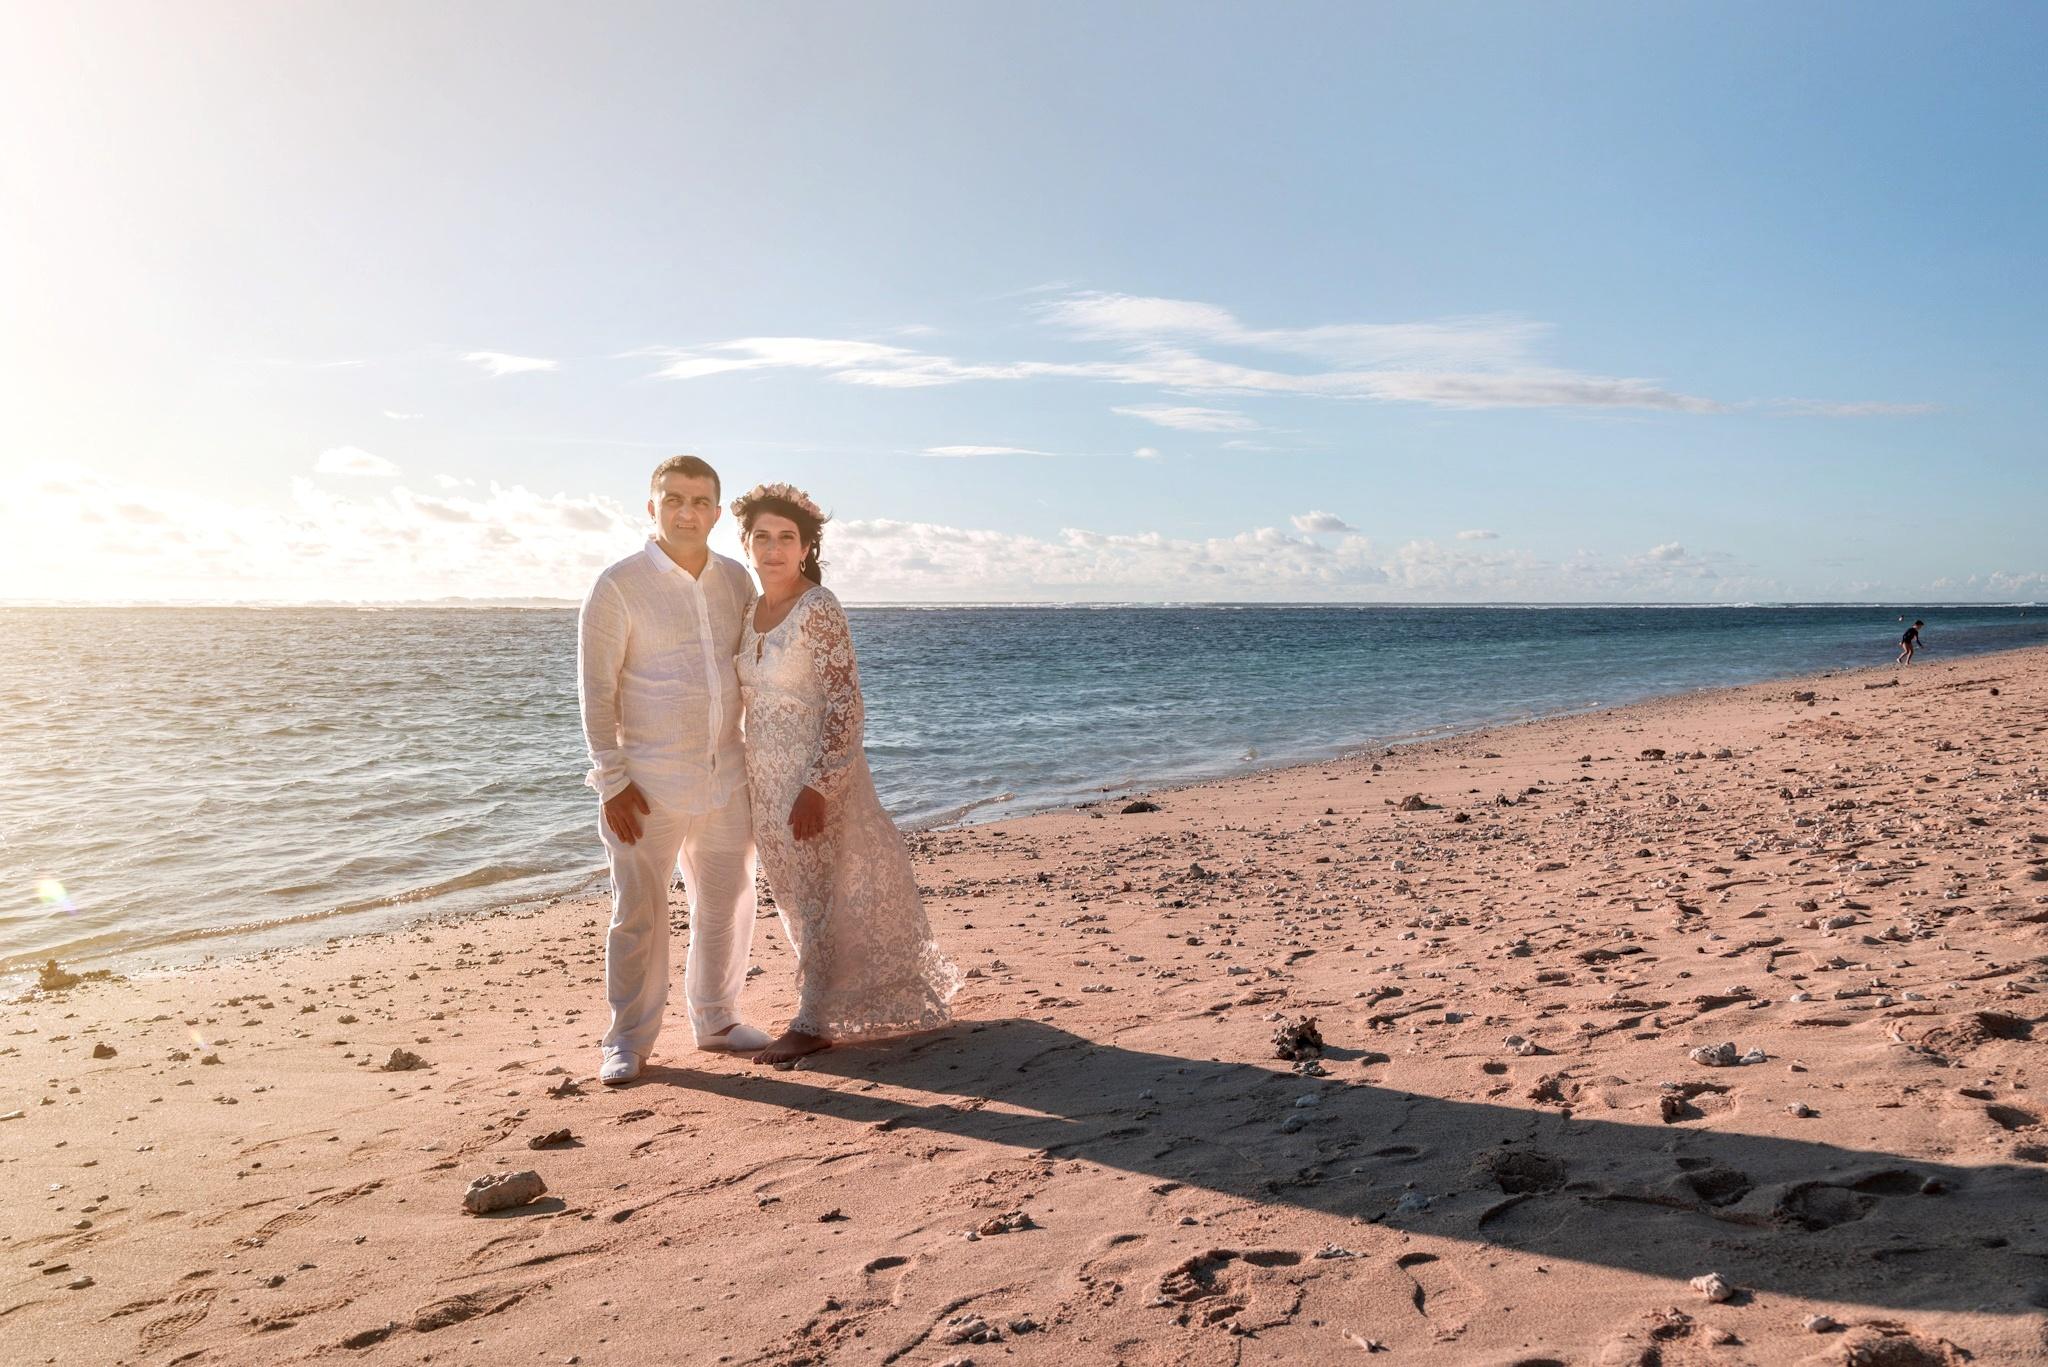 MRevenement organisation de mariage D et F cérémonie laïque La Réunion (2).jpeg